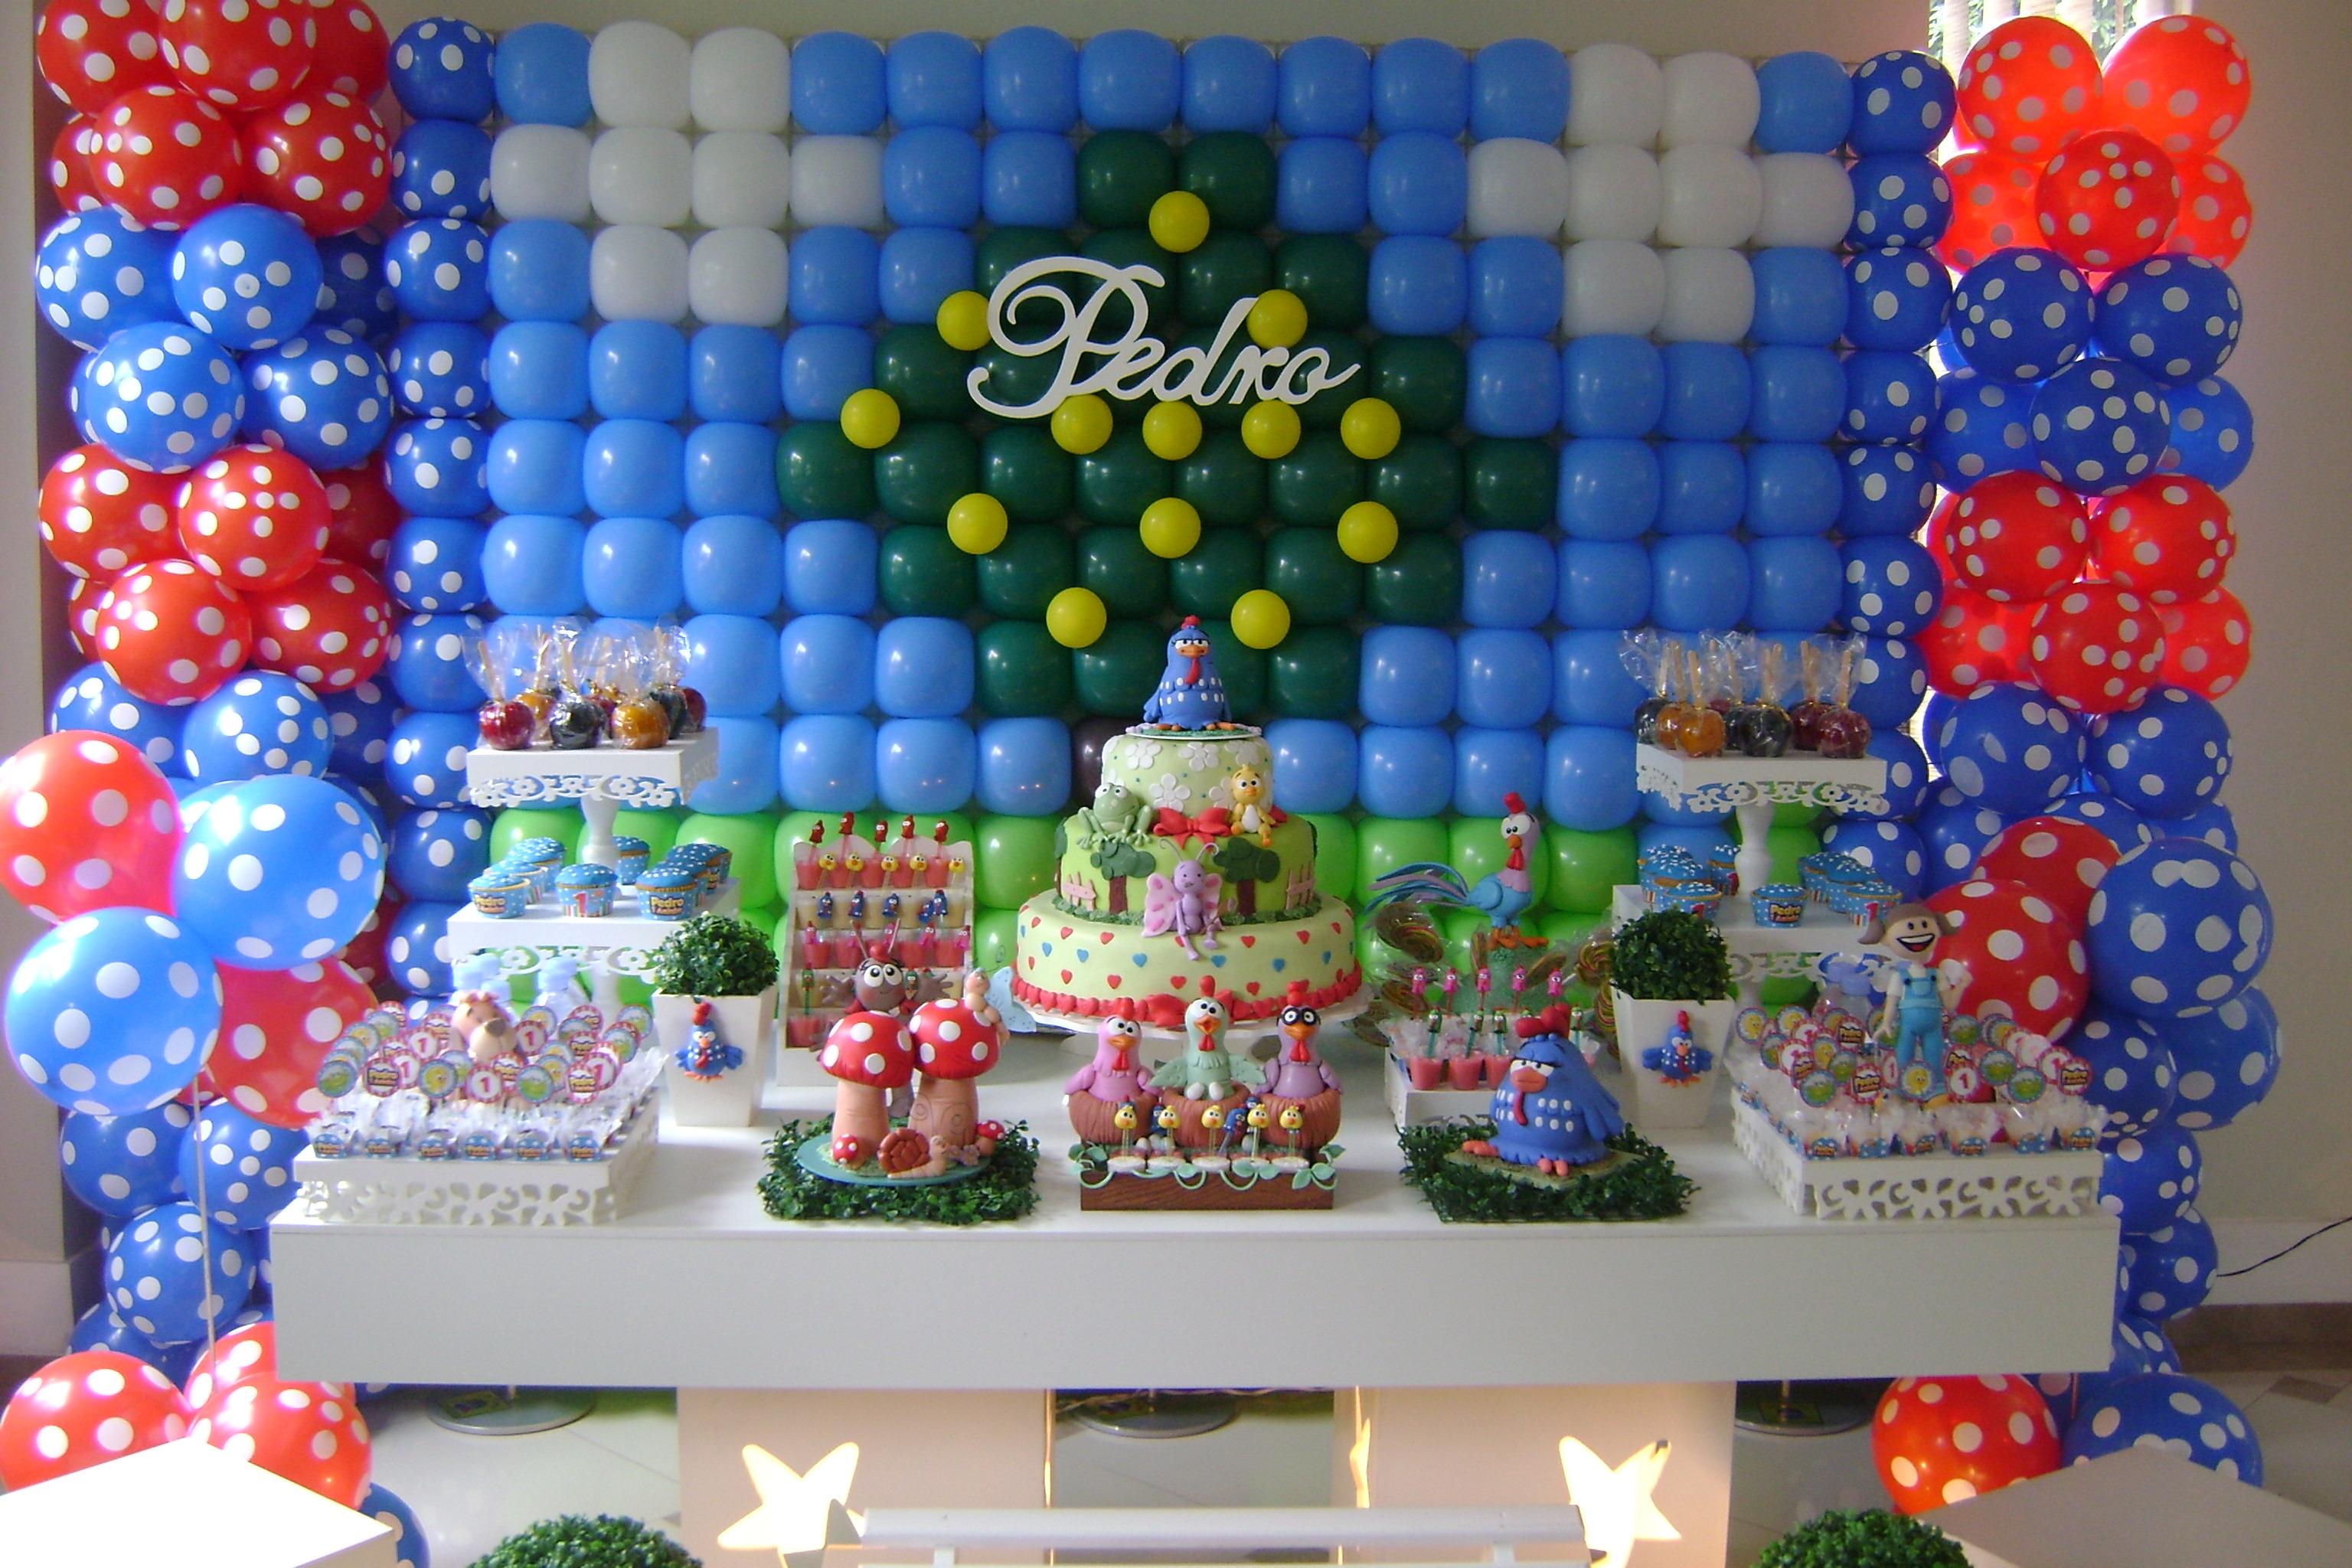 decoracao festa galinha pintadinha:Decoracao De Festa Da Galinha Pintadinha